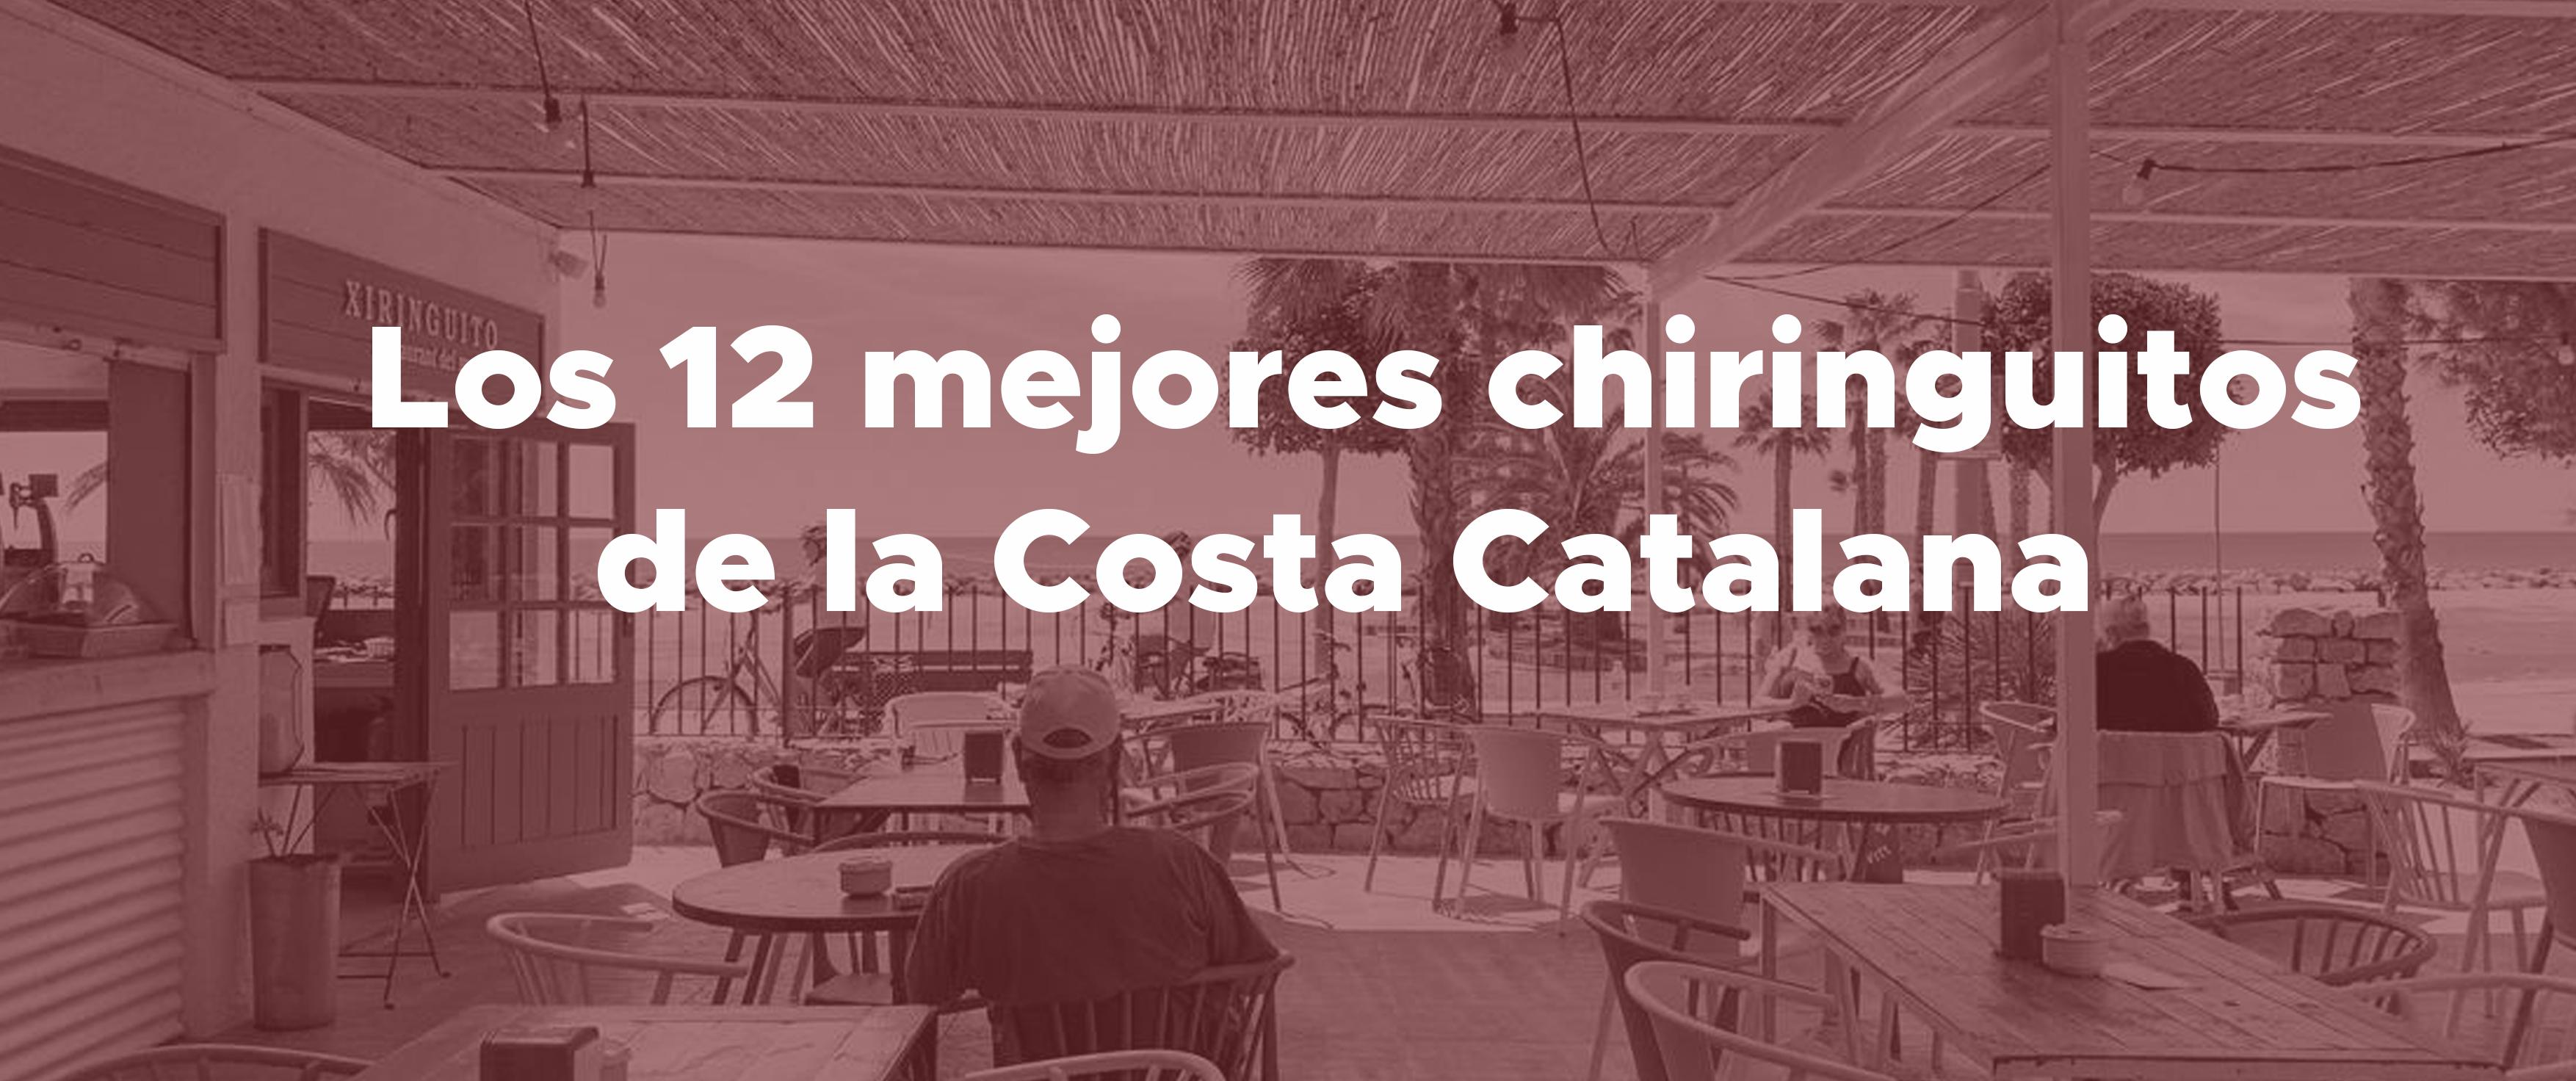 Los 12 mejores chiringuitos a pie de playa de la Costa Catalana (1ª parte)